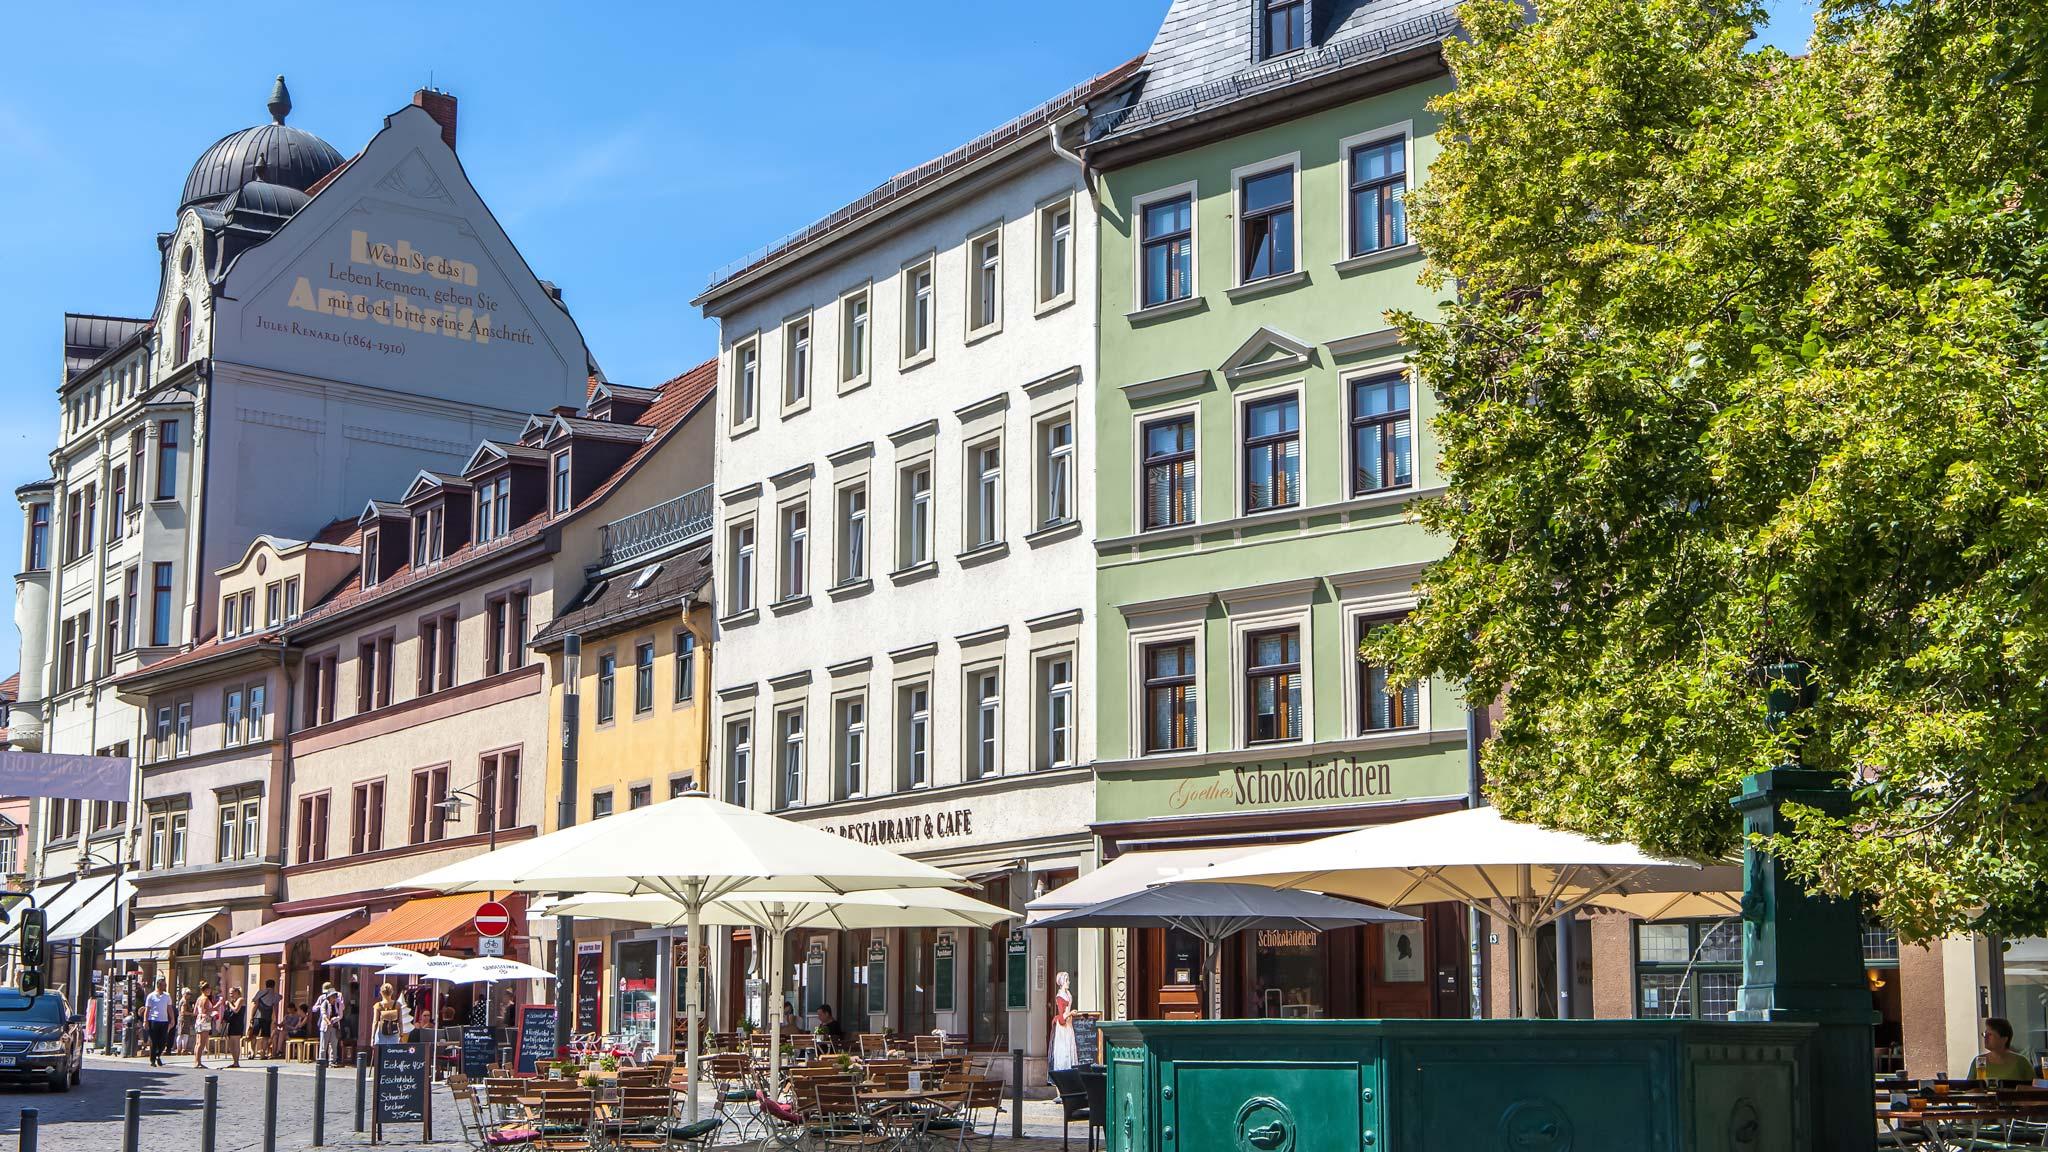 Weimar, Turingia